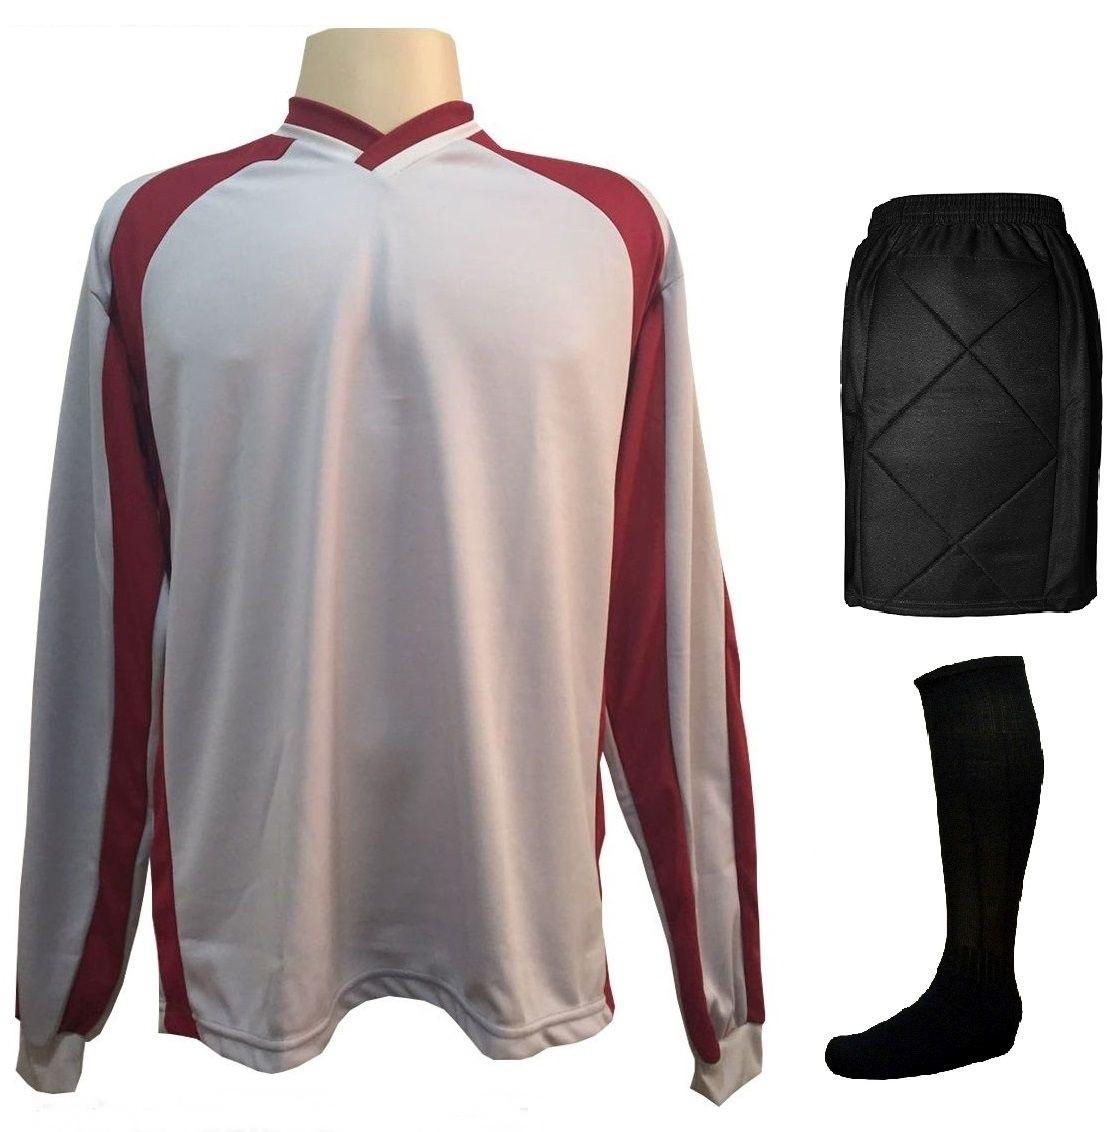 Uniforme Esportivo Completo modelo PSG 14+1 (14 camisas Vermelho/Preto/Branco + 14 calções Madrid Preto + 14 pares de meiões Preto + 1 conjunto de goleiro) + Brindes